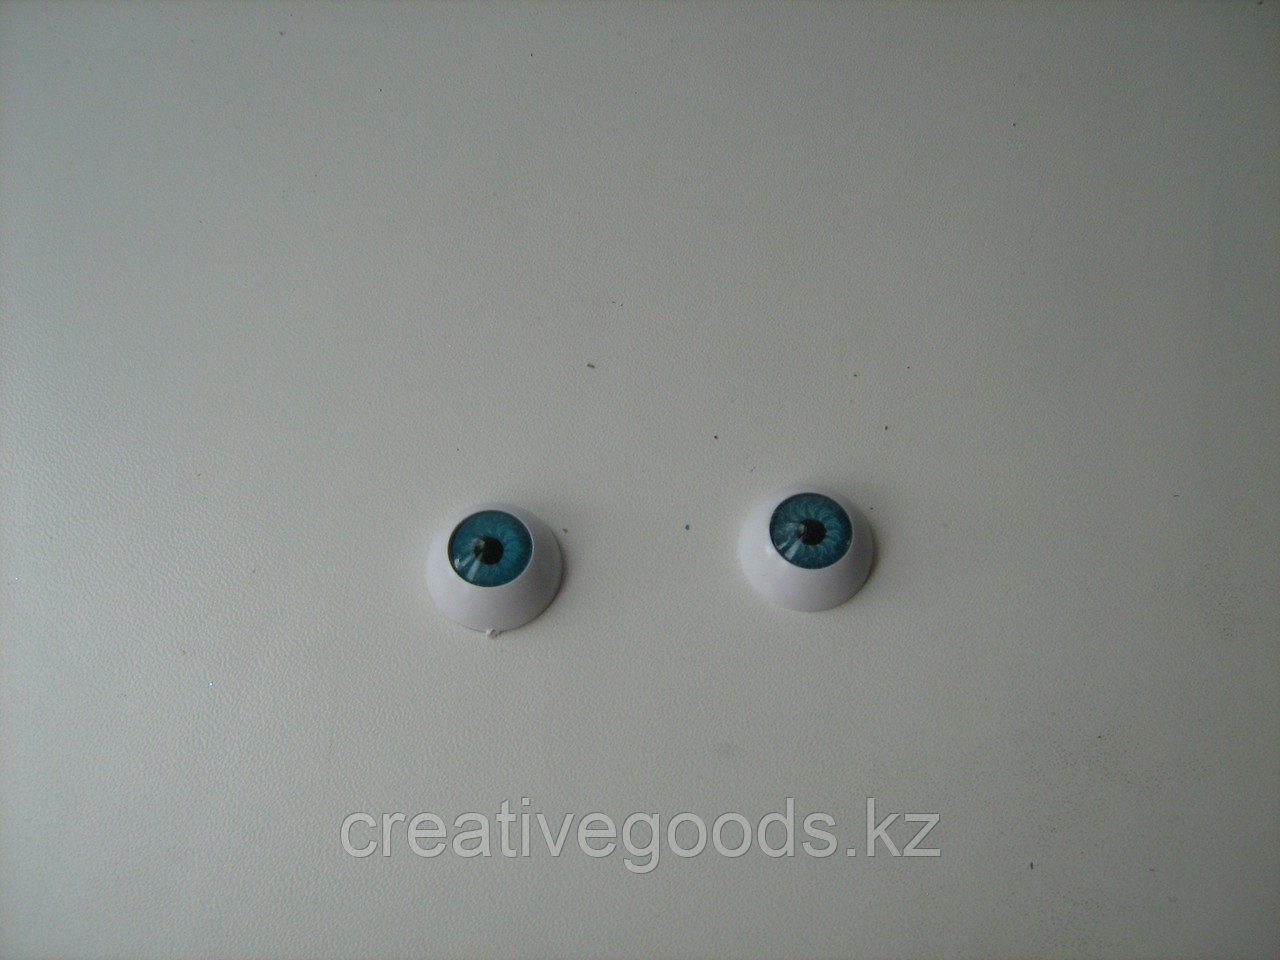 Глаза для игрушек. 14  мм.  Голубые.  Creativ   2200